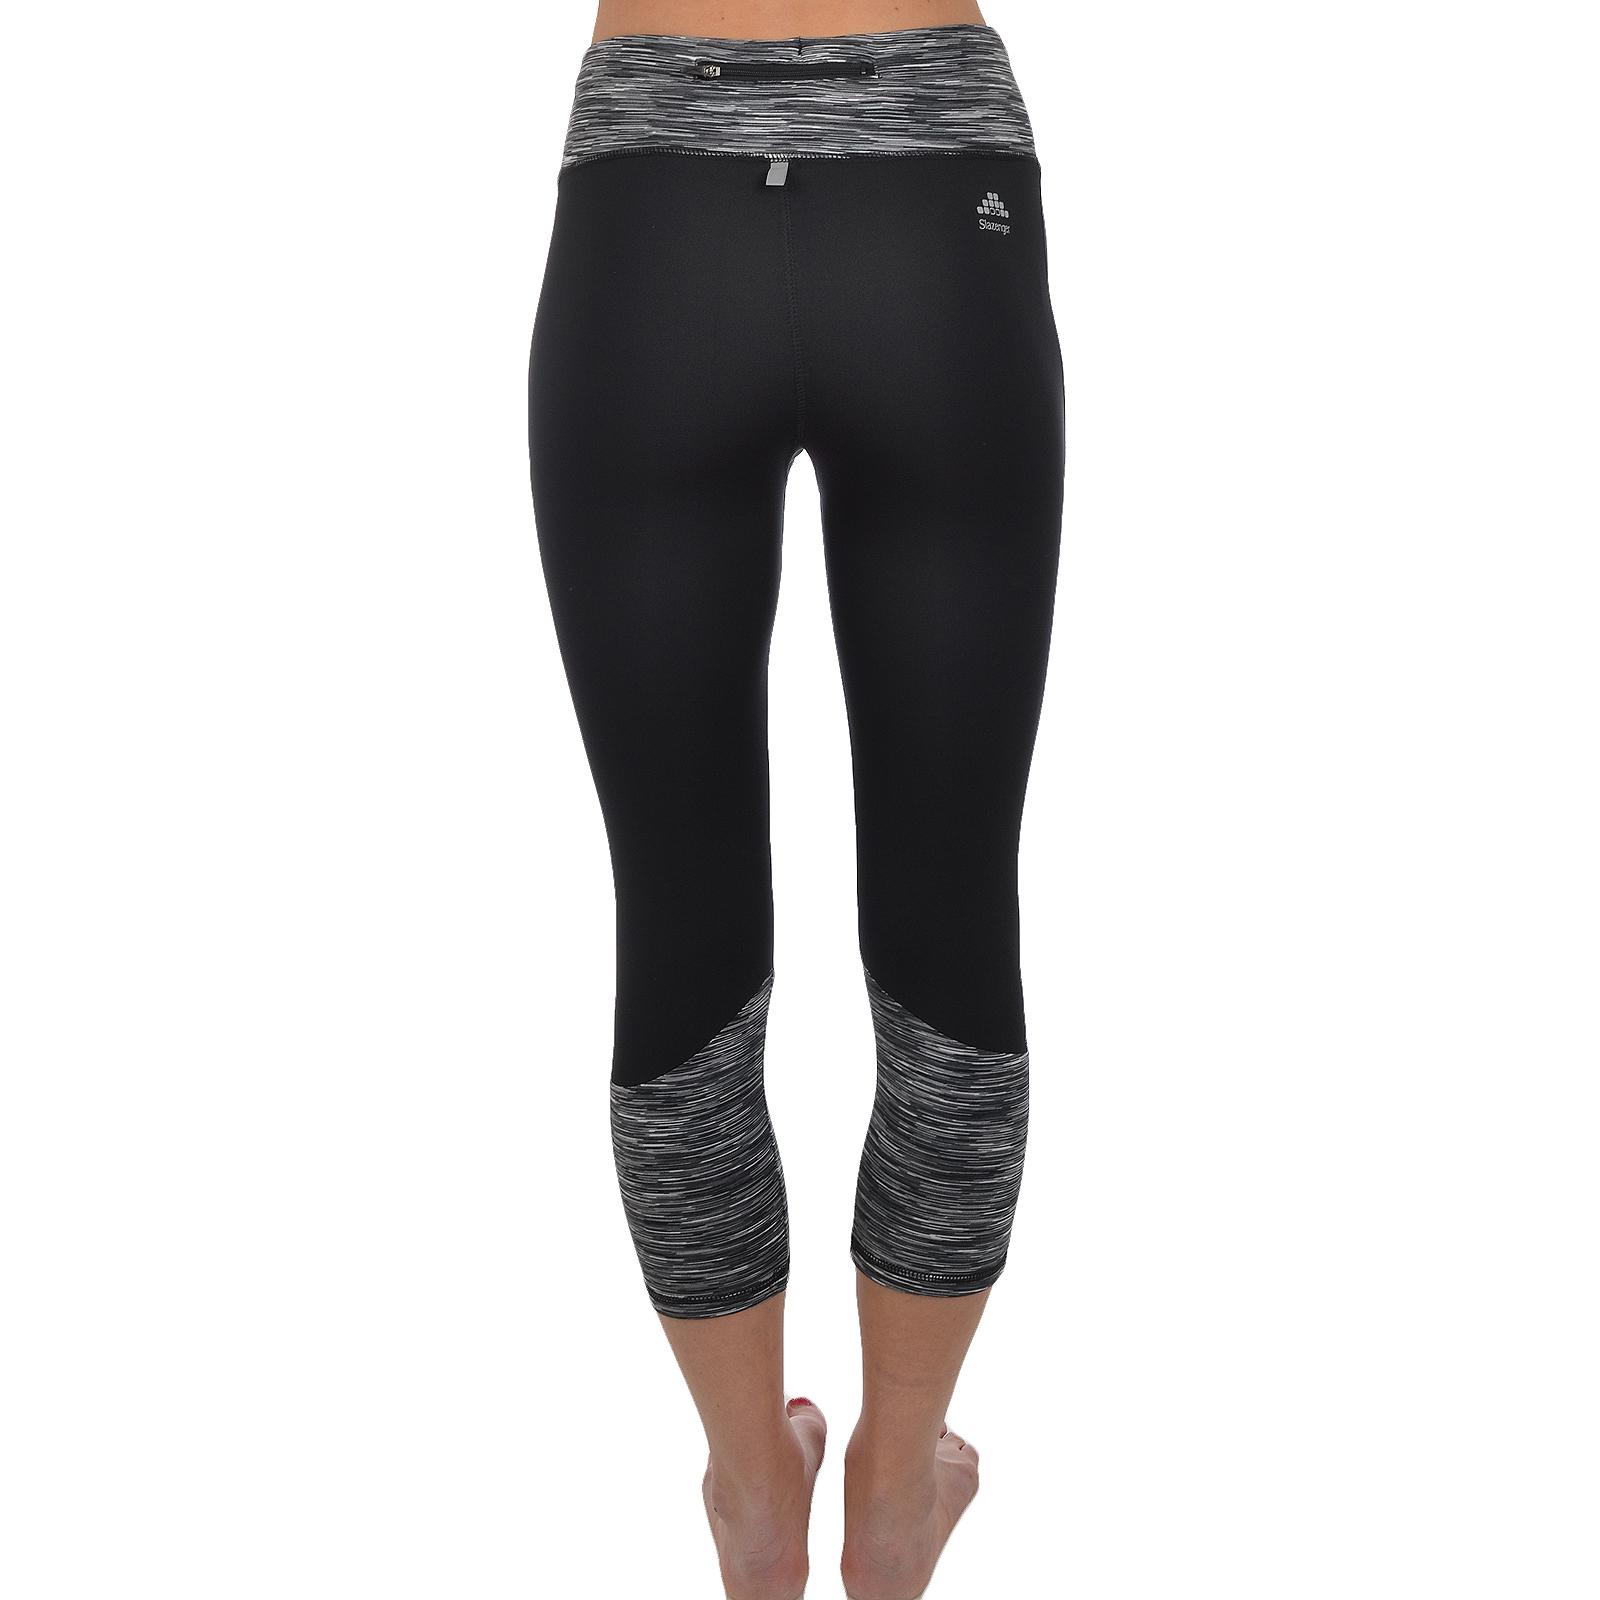 Slazenger Womens Running Gym Sports Leggings Bottoms Pants 3 4 Capri 1084 Trolley Case 28 Inc